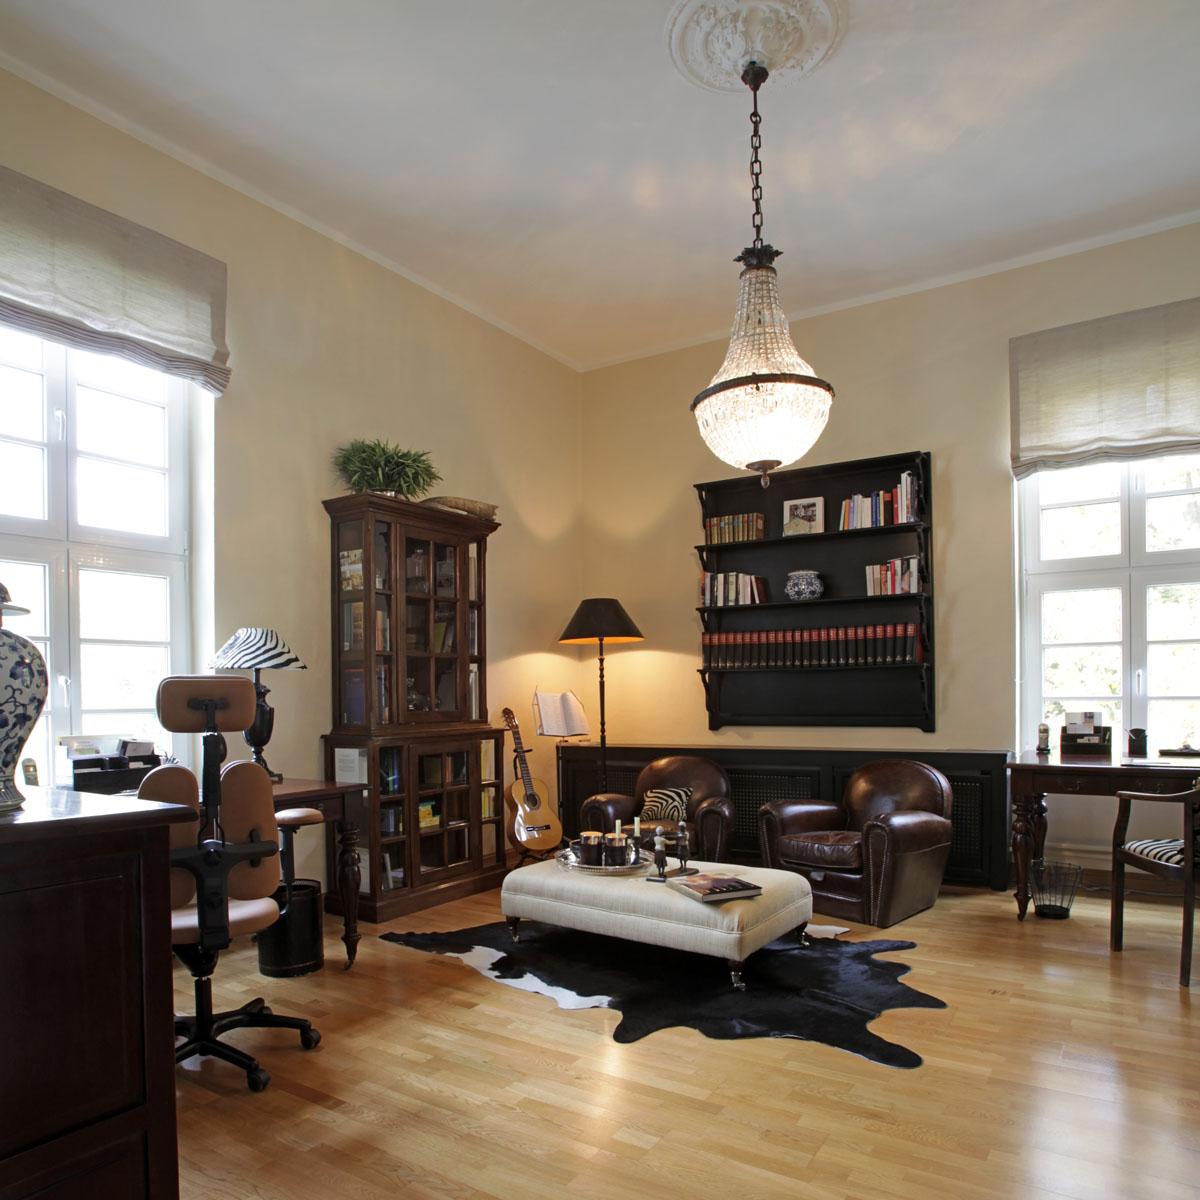 exklusive mietwohnung im schloss m rchenhaftes wohnen im schloss immobilienteam. Black Bedroom Furniture Sets. Home Design Ideas